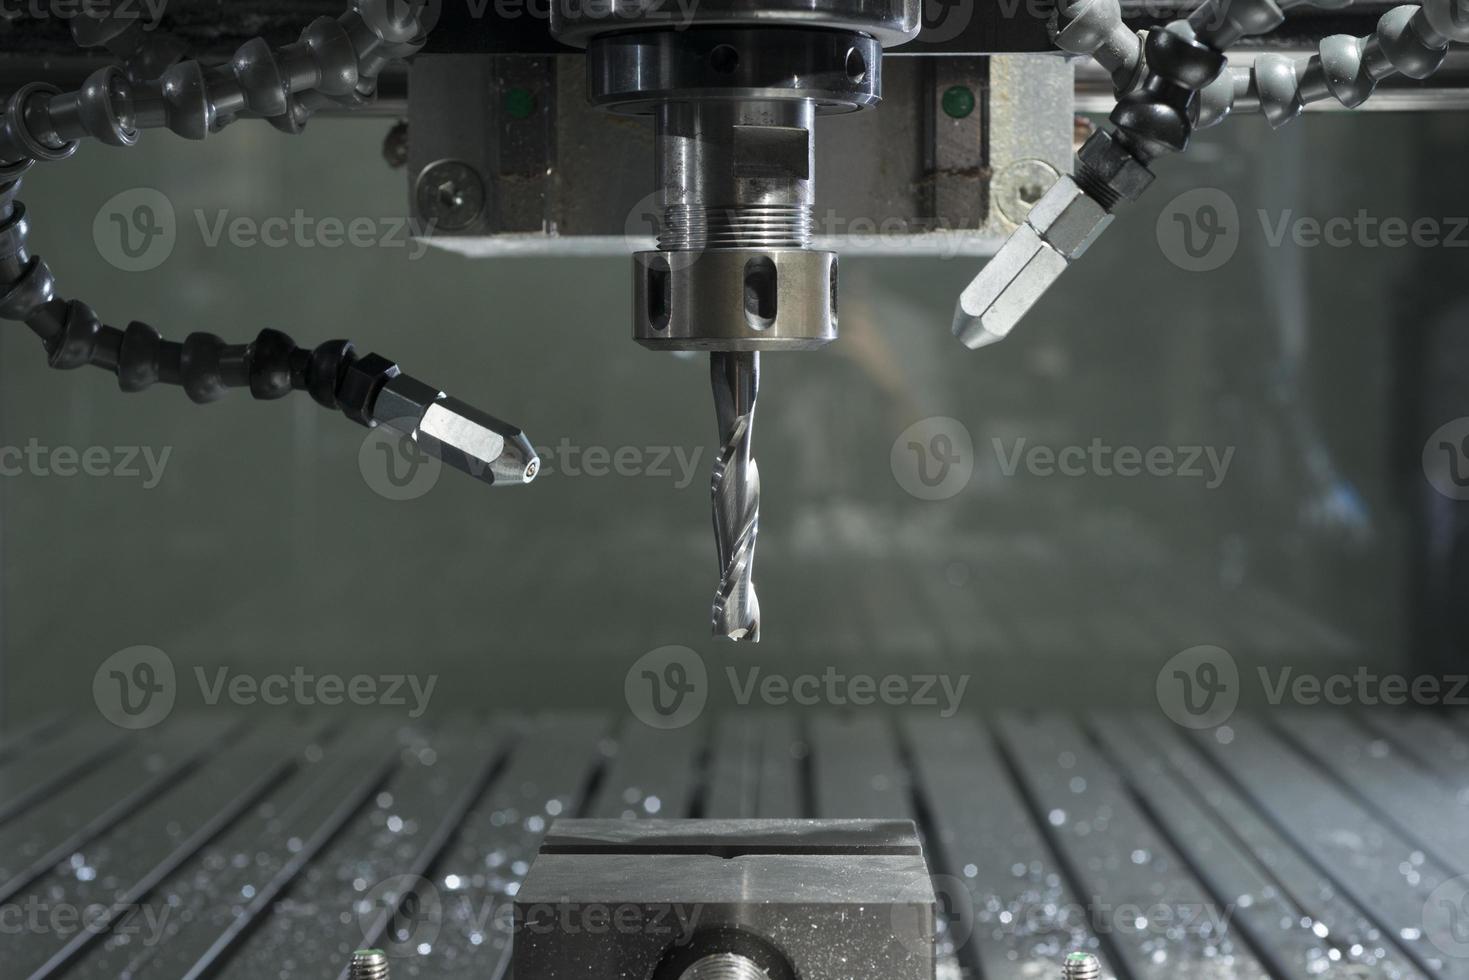 industriële cnc-molen geautomatiseerde metaalverwerkingsmachine foto